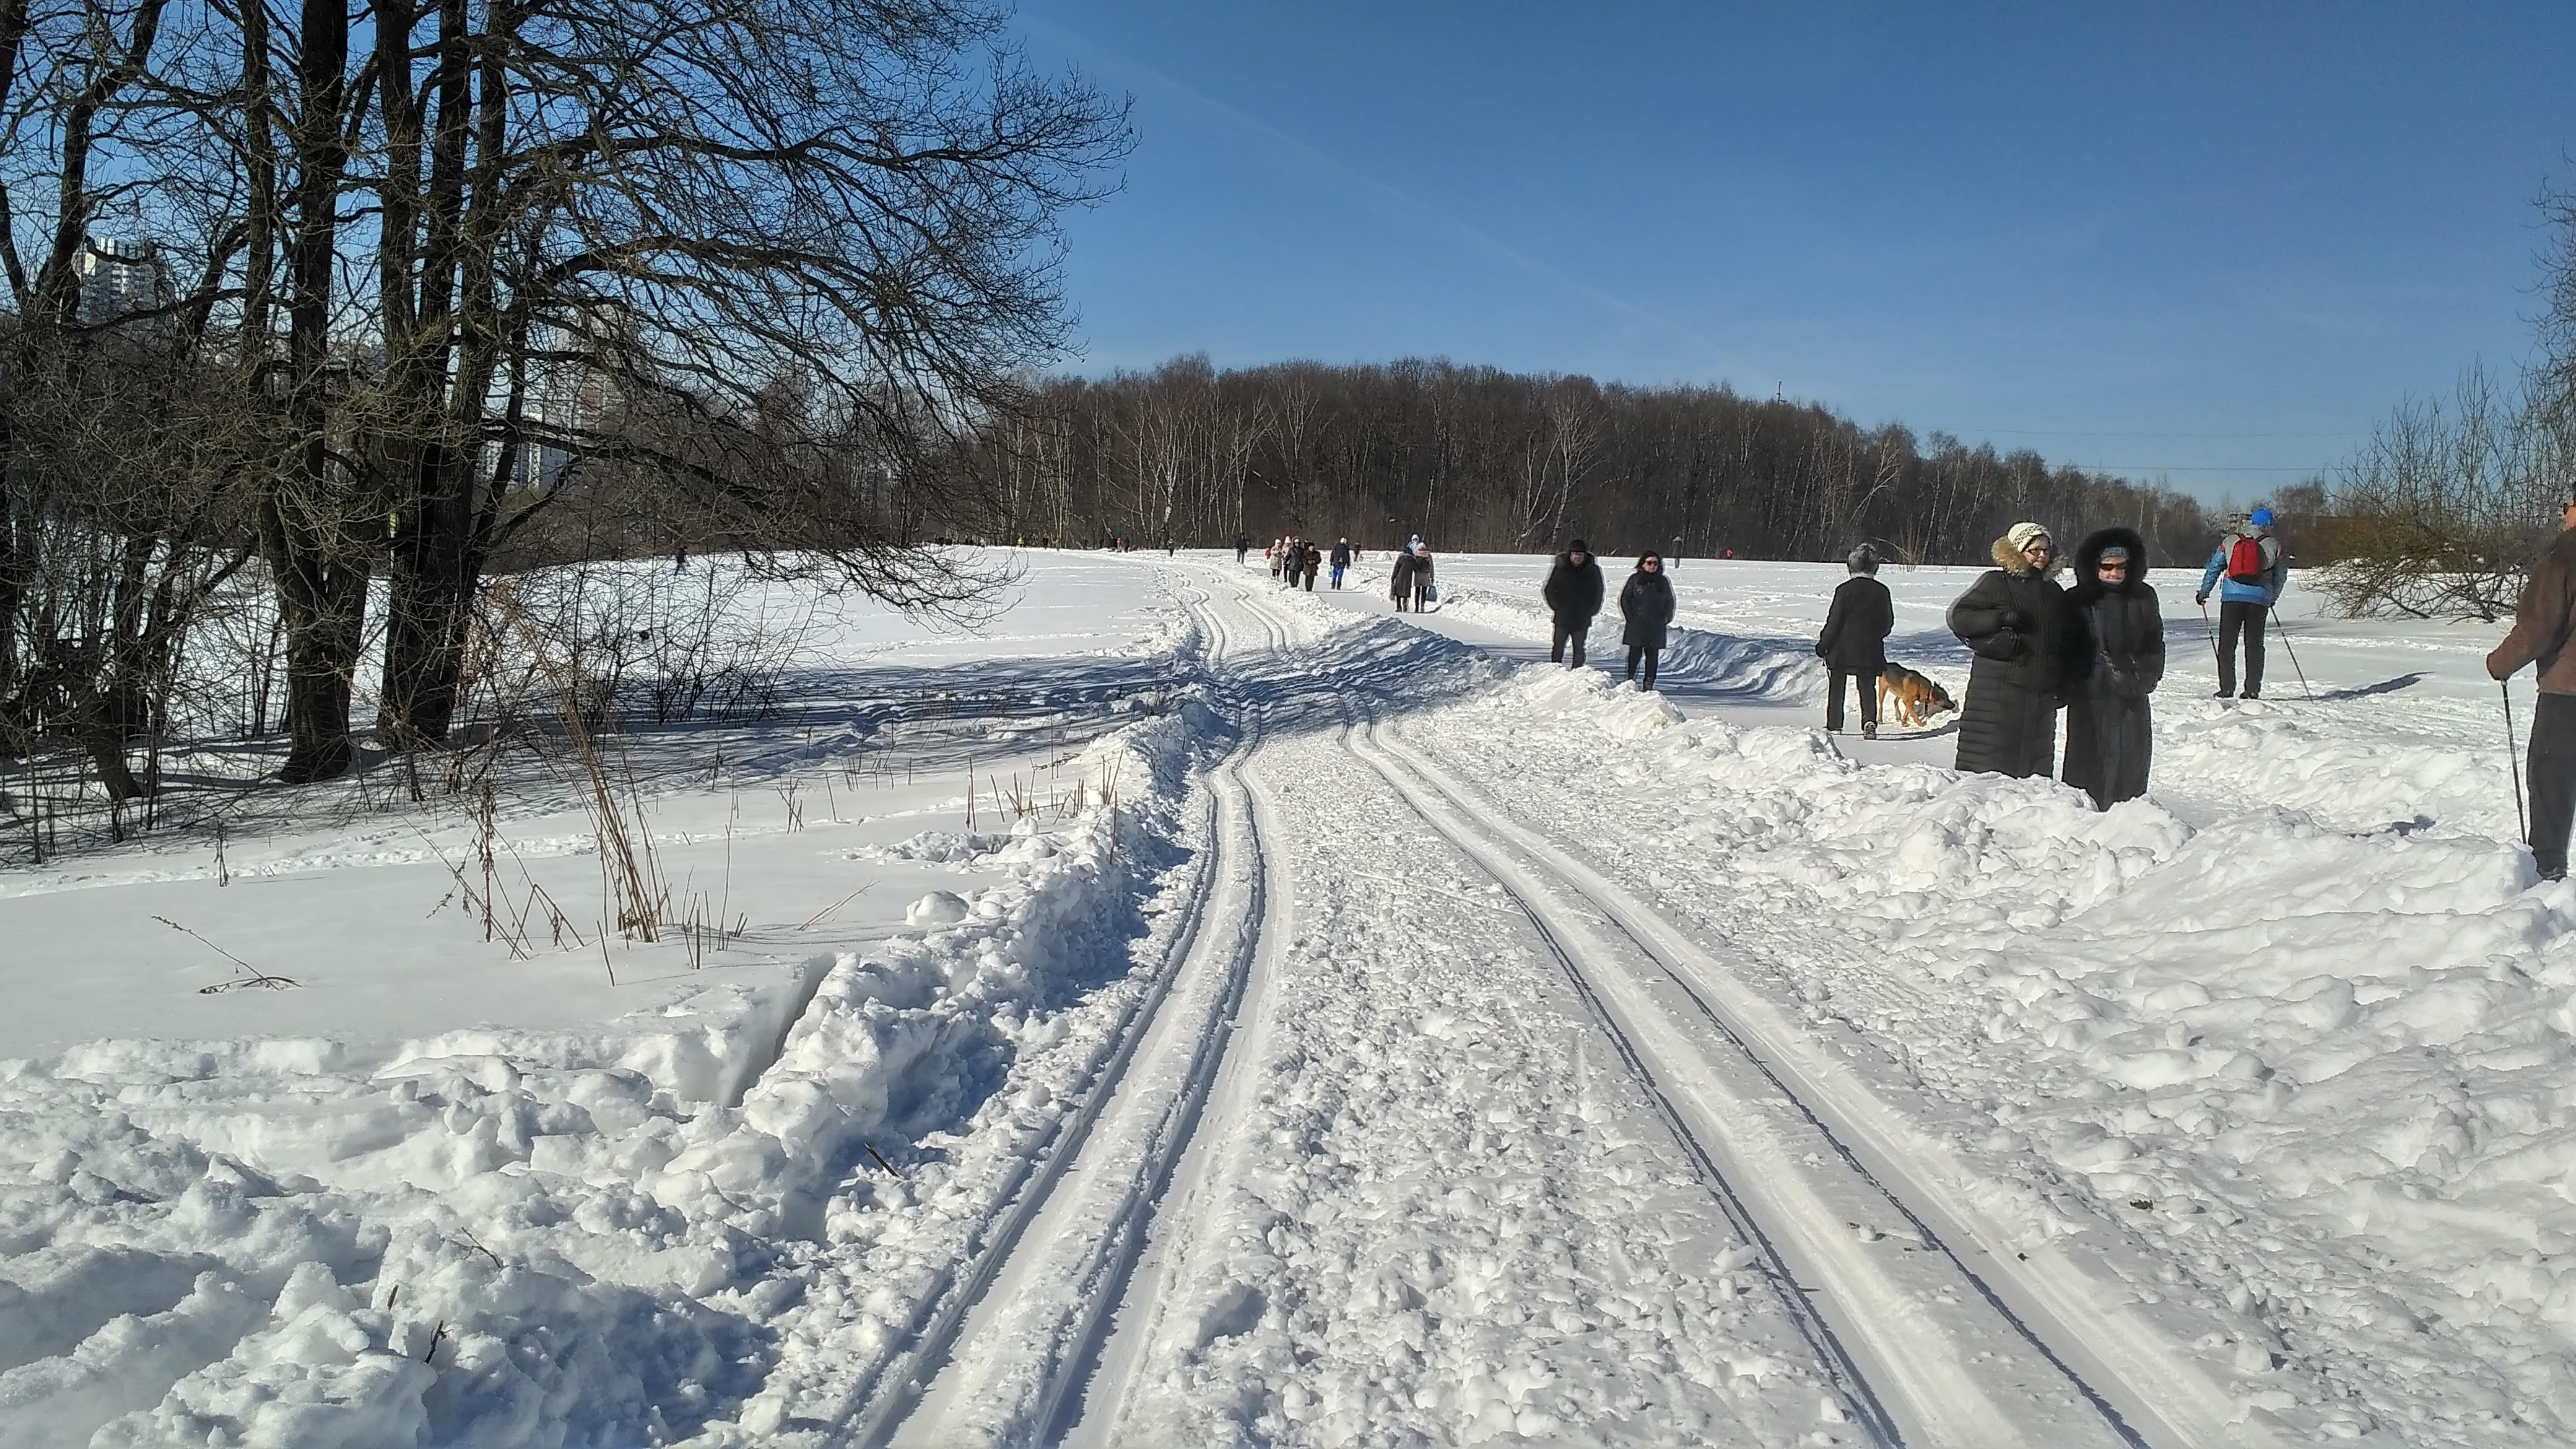 Лыжня в Битцевском парке, вход со сторону ул. Миклухо-Маклая. 9 марта 2018 года